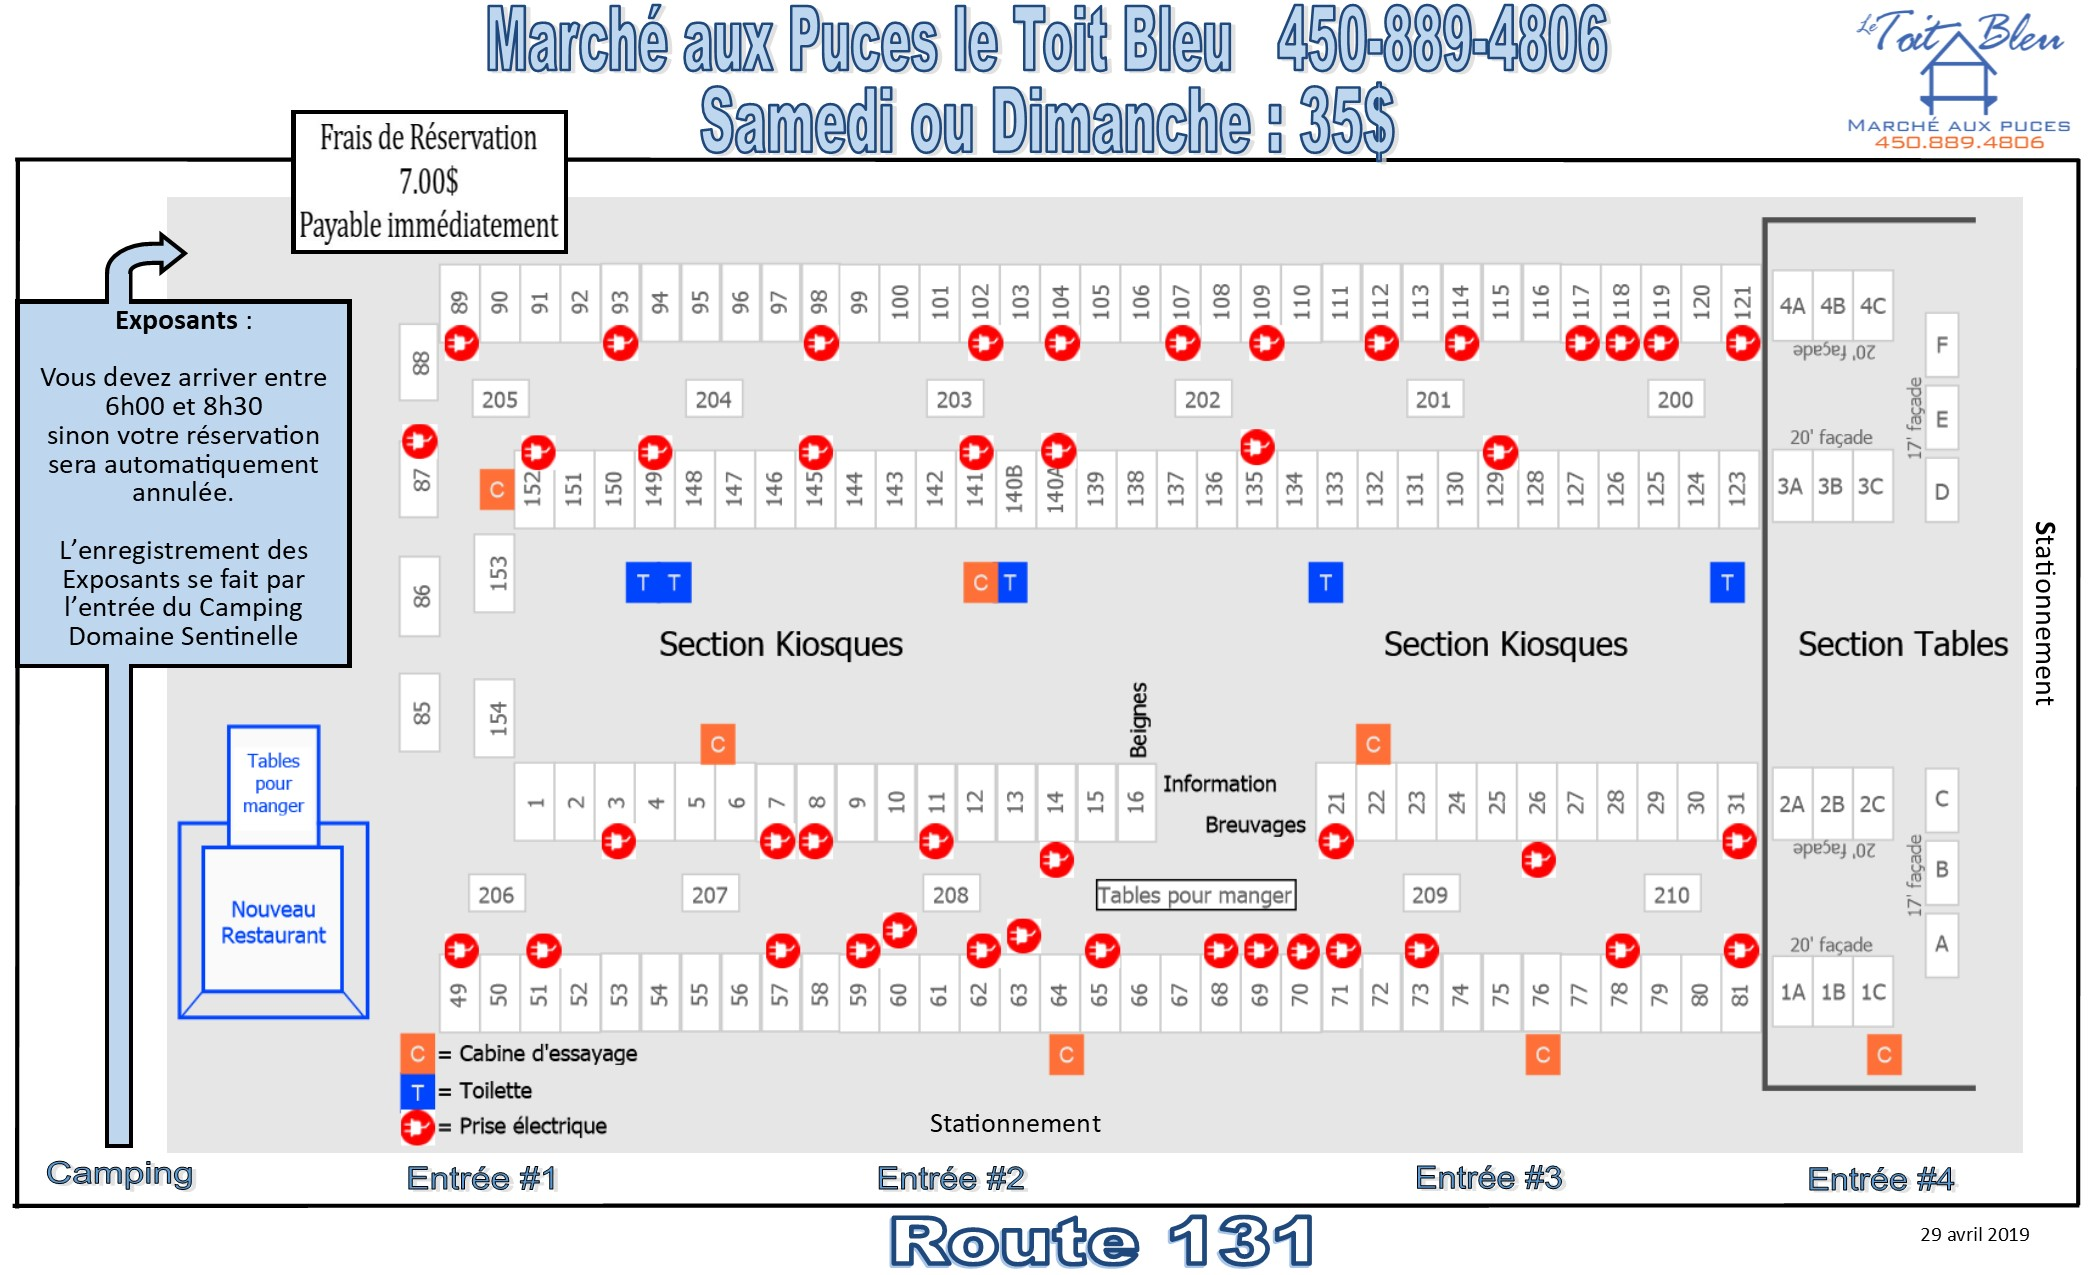 Plan Marché aux Puces 2019 v1.3 Resto